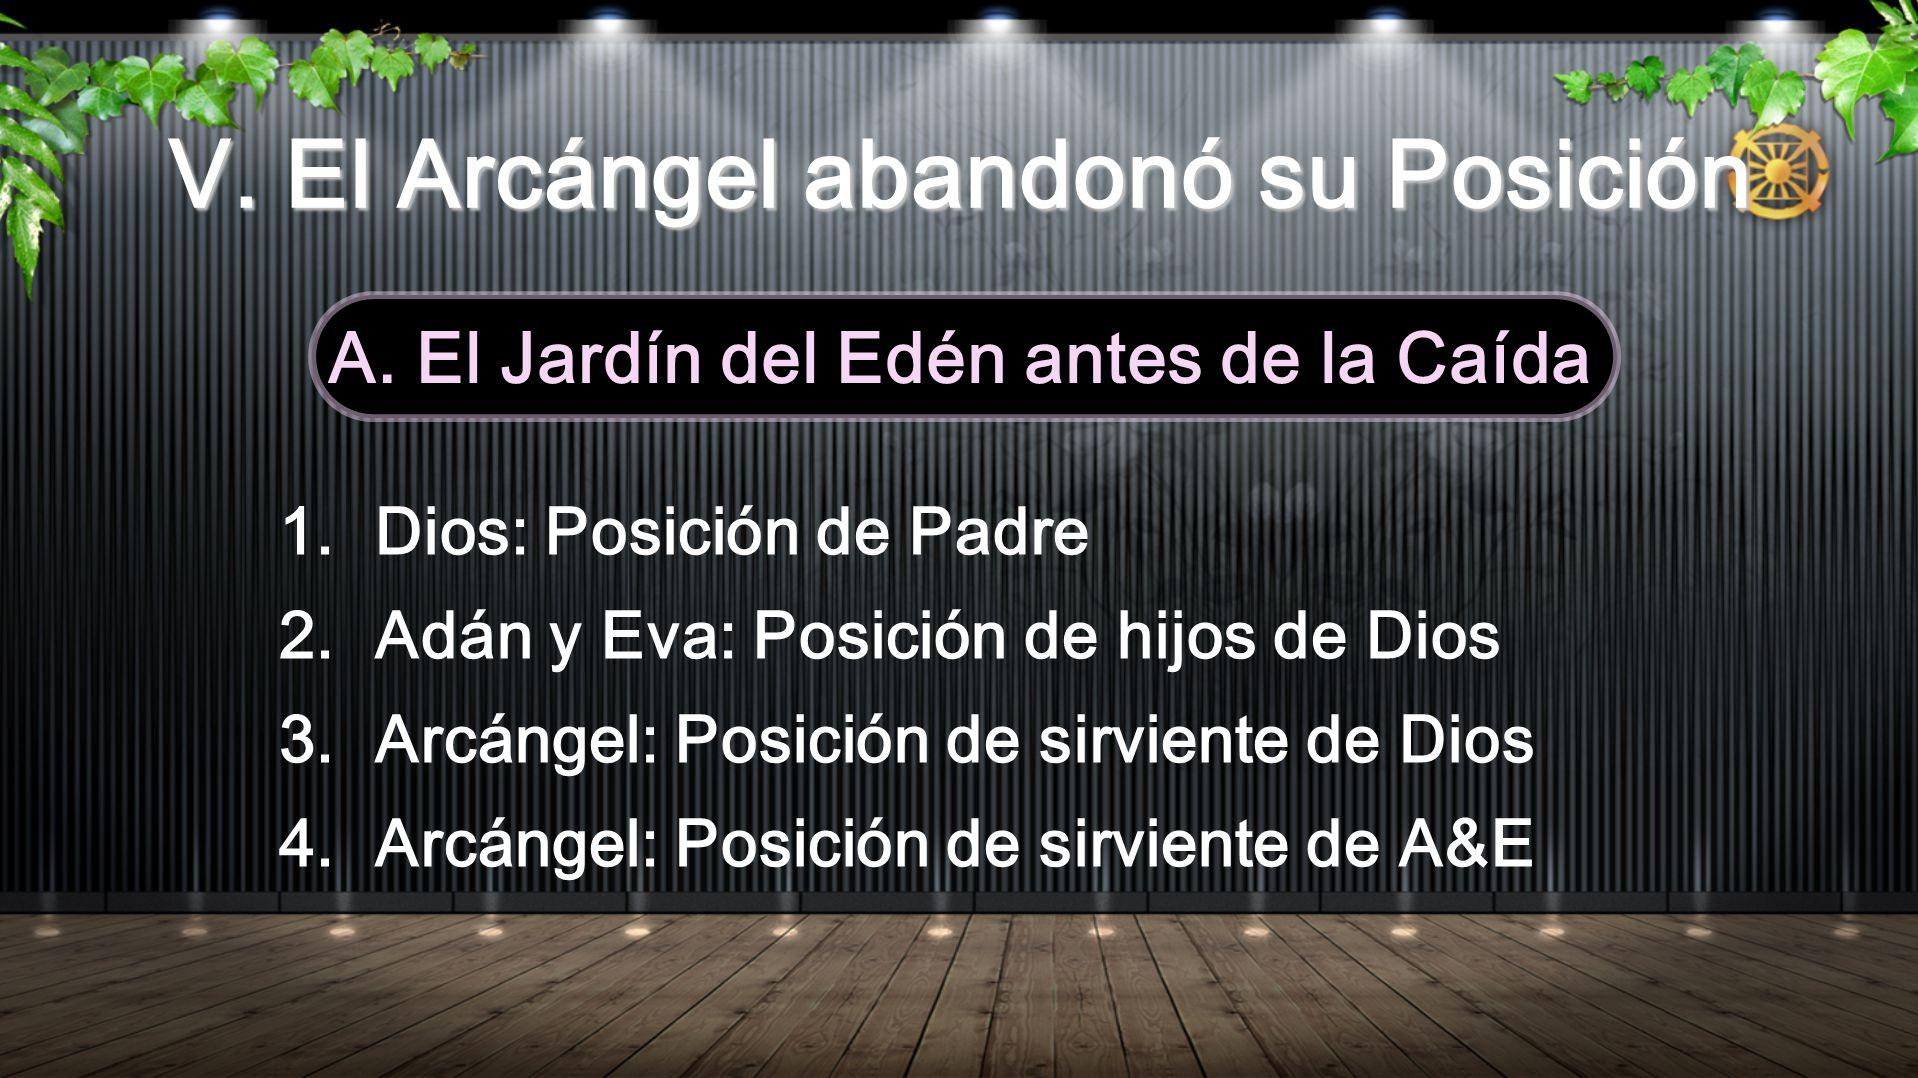 V. El Arcángel abandonó su Posición A. El Jardín del Edén antes de la Caída 1.Dios: Posición de Padre 2.Adán y Eva: Posición de hijos de Dios 3.Arcáng